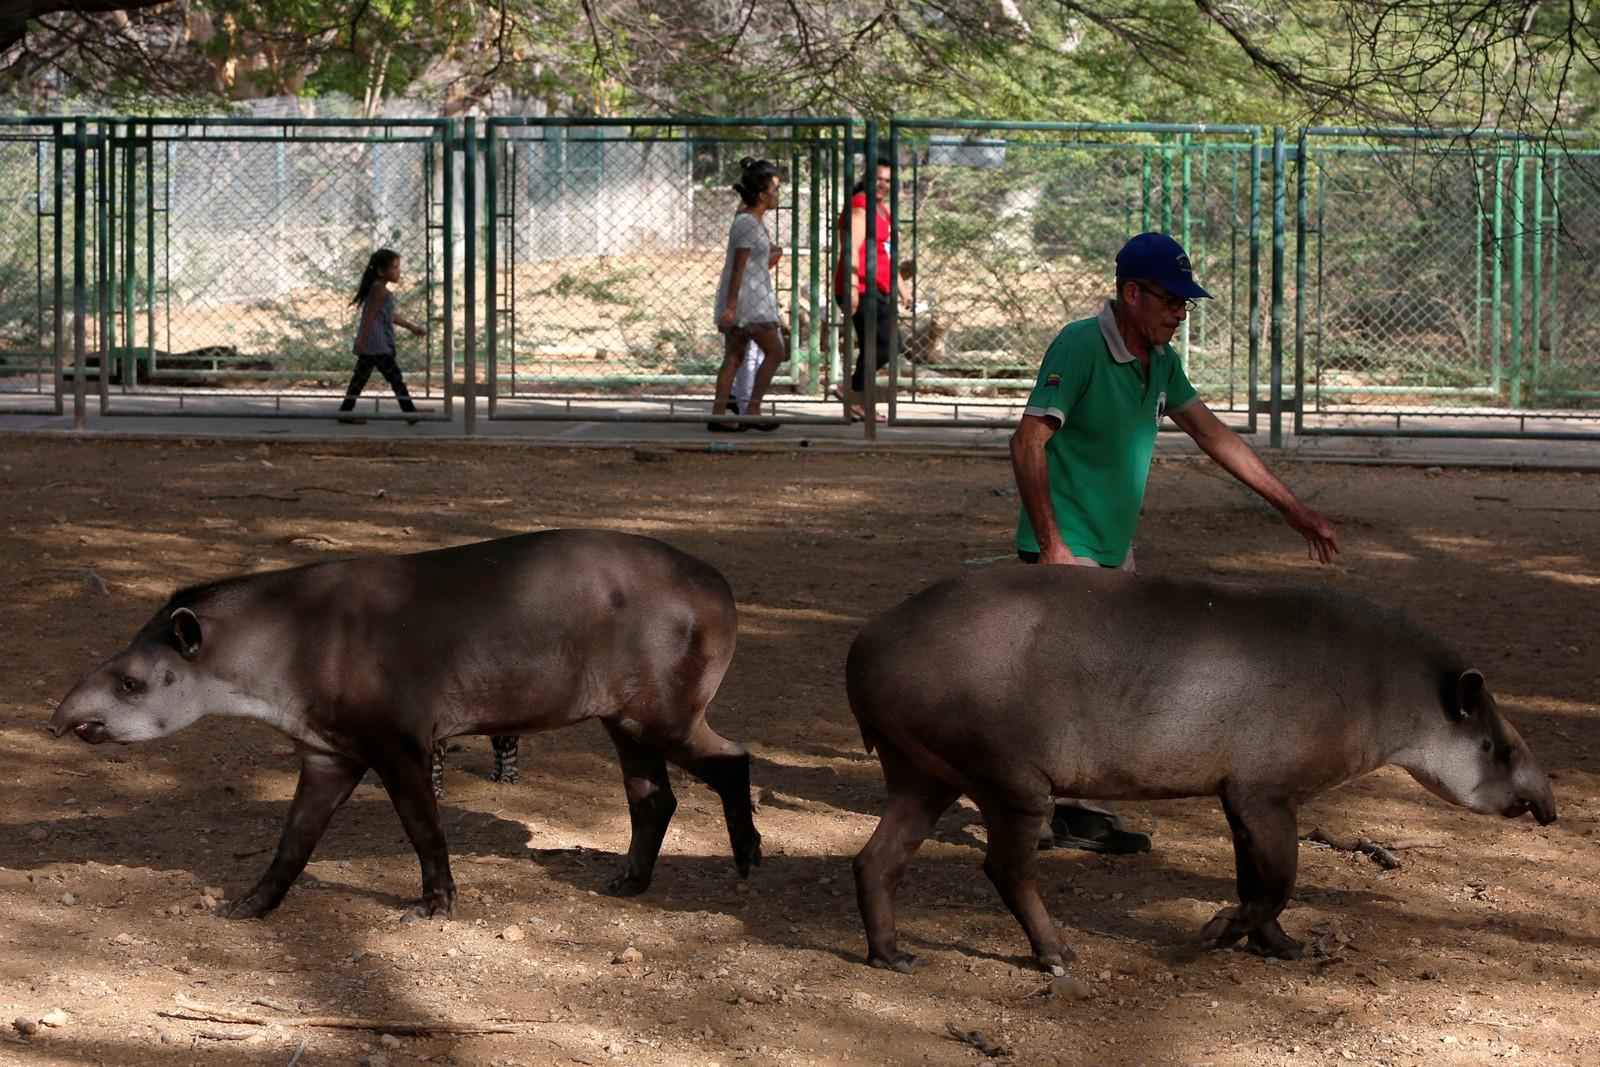 De siste ukene har flere tapirer dødd i Caracas.